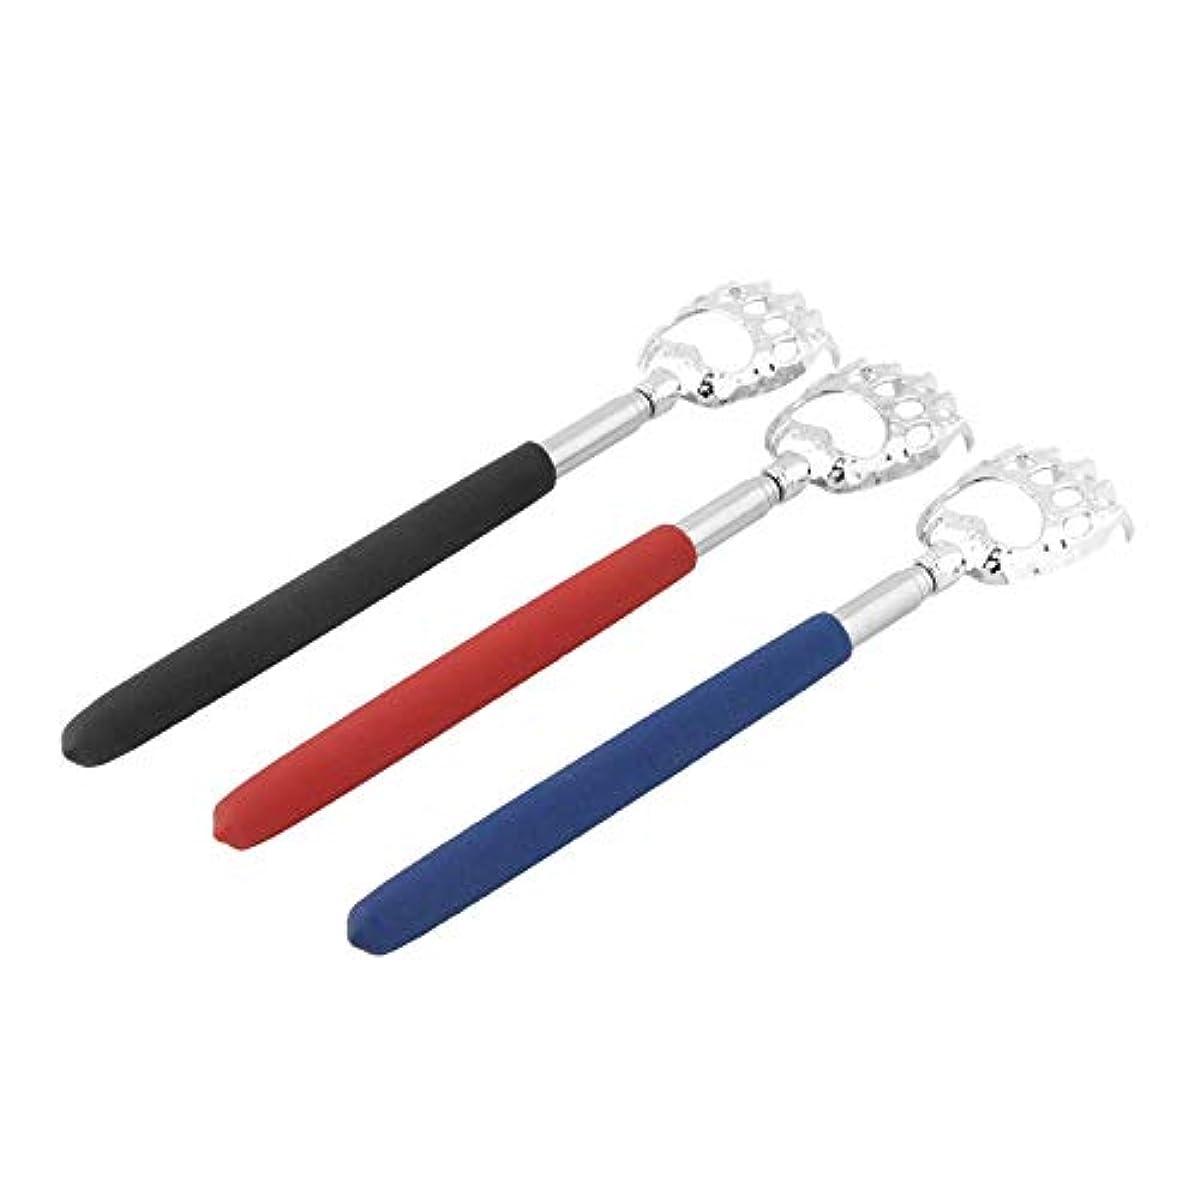 賢い起訴する賞賛Hot Selling 10pcs Bear Claw healthy Back Scratcher Zinc alloy Portable Extendable Handy Pocket Pen Clip Back Scratcher